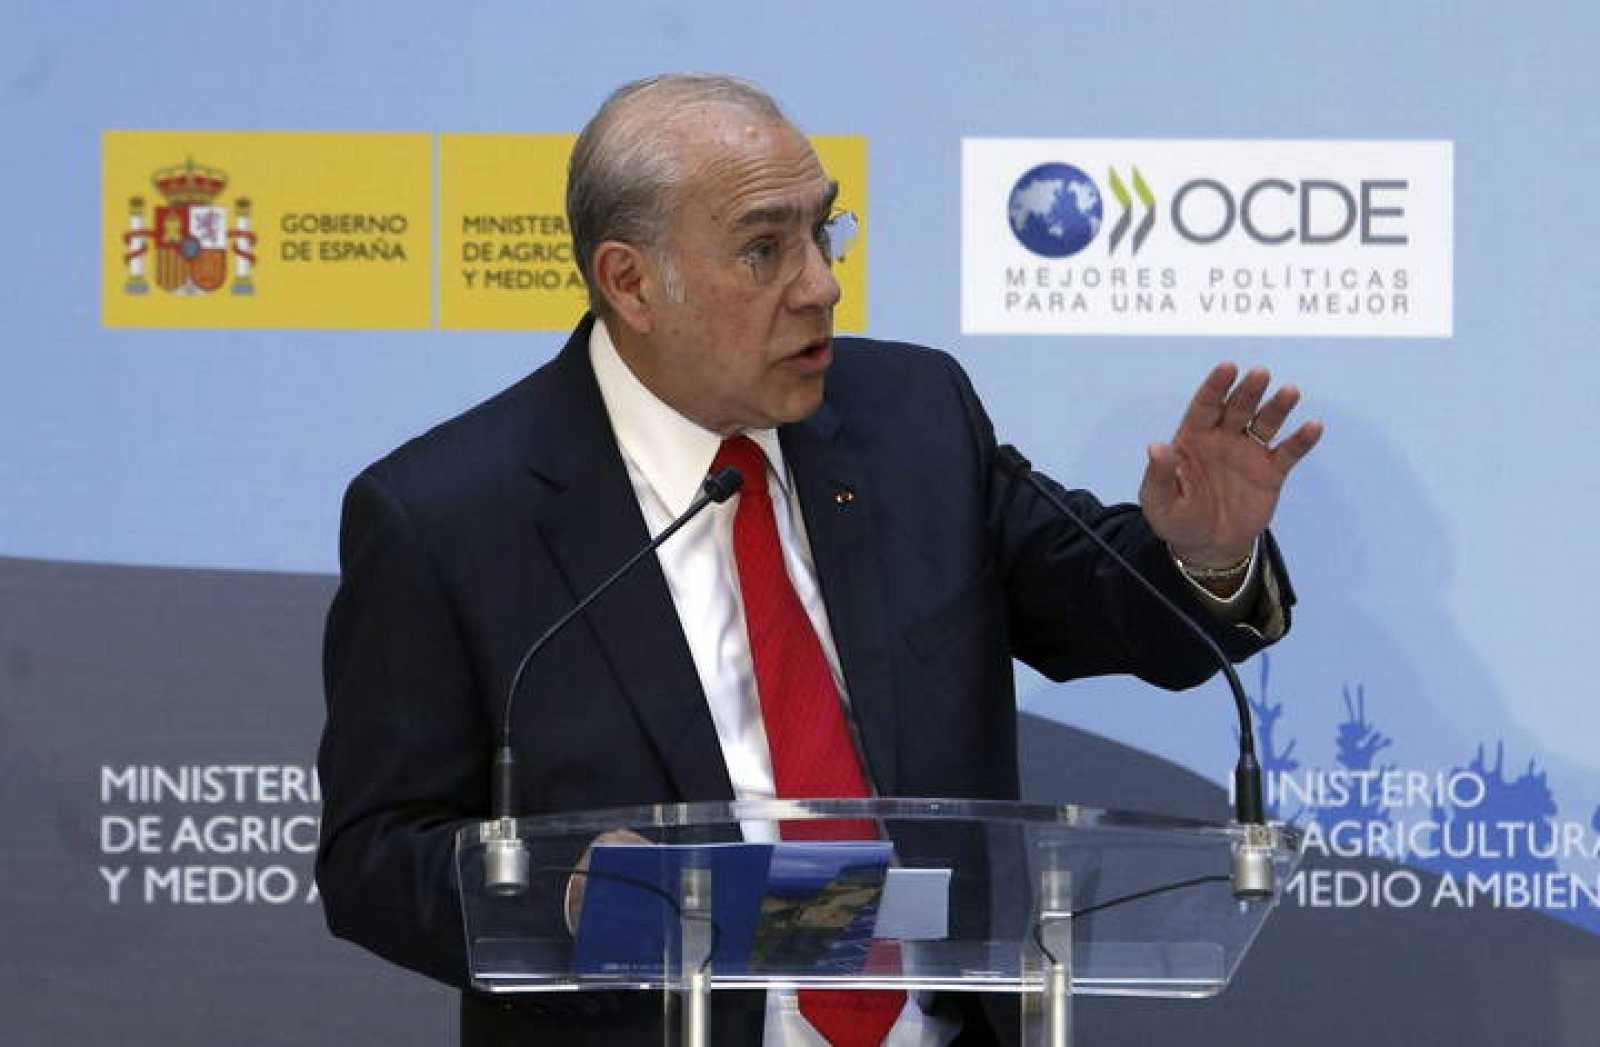 El secretario general de la Organización para la Cooperación y el Desarrollo Económicos (OCDE), Ángel Gurría